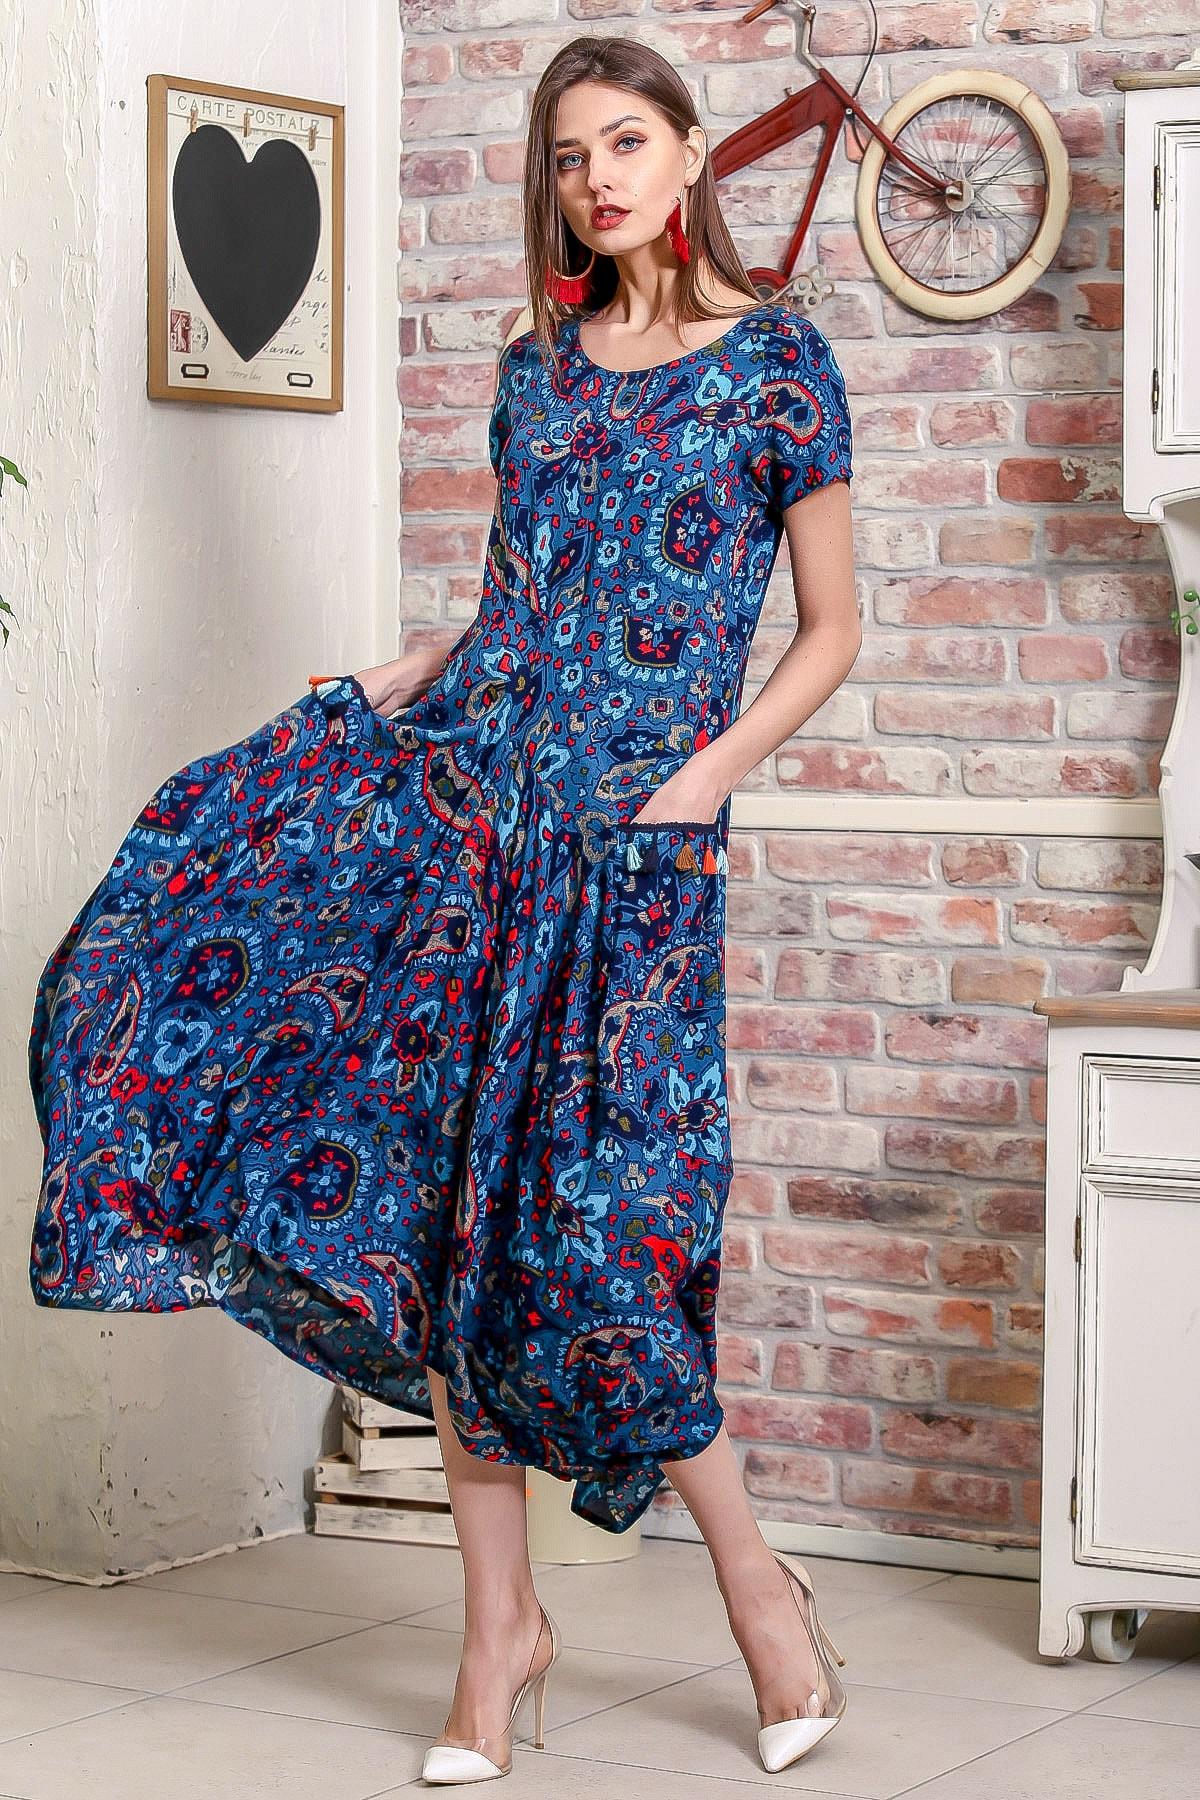 Chiccy Kadın Petrol Mavi Bohem Şal Desen Asimetrik Cepleri Püskül Detaylı Dokuma Elbise 2